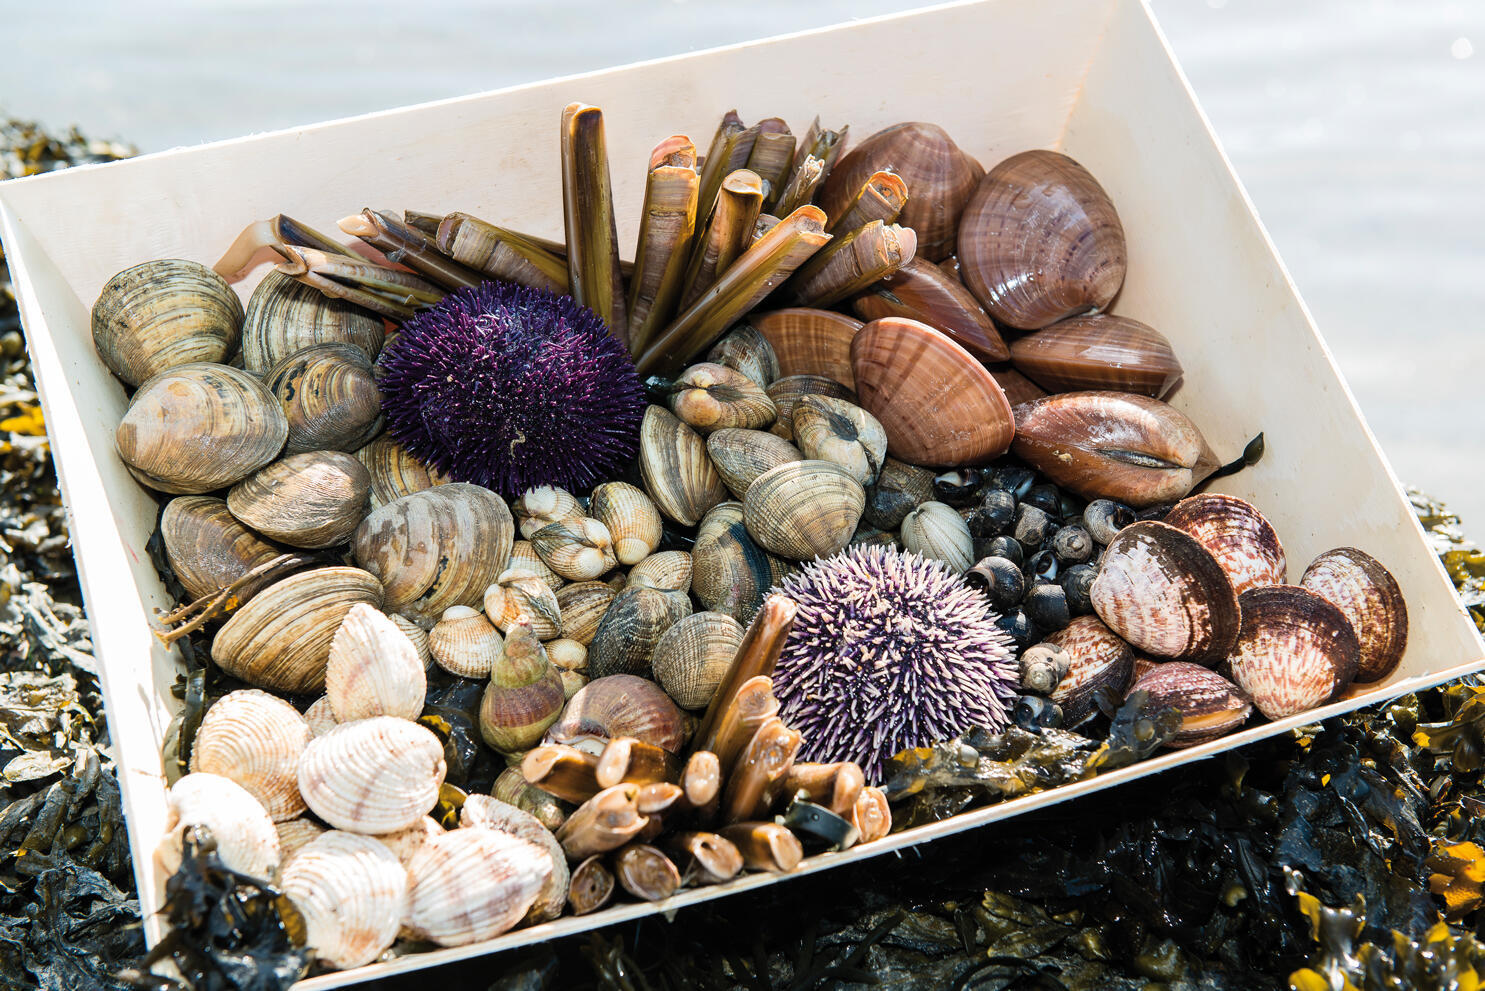 Crustáceos de la Maison Thaeron.